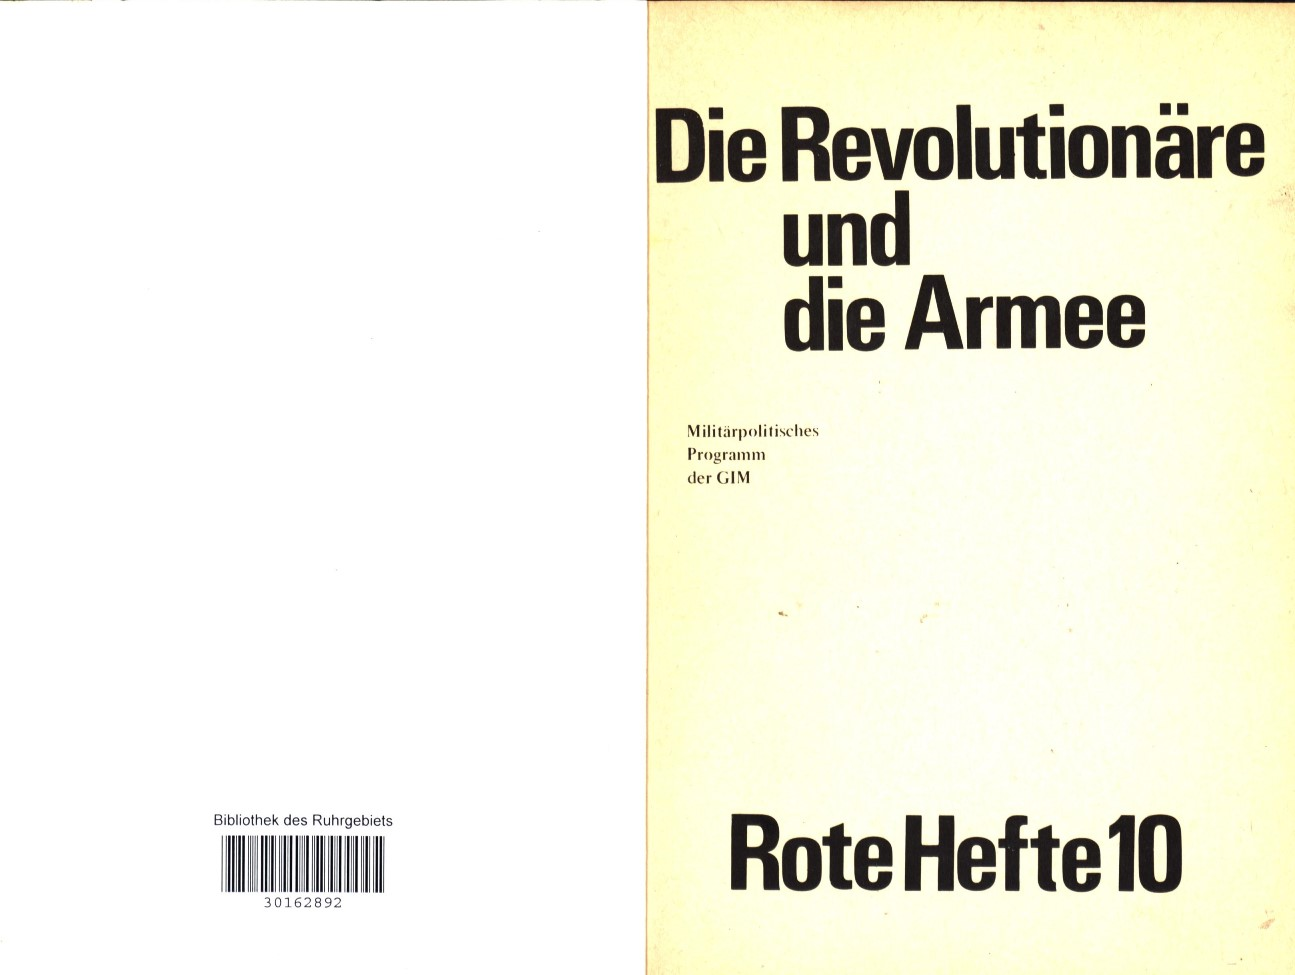 GIM_1976_Militaerpolitisches_Programm_02